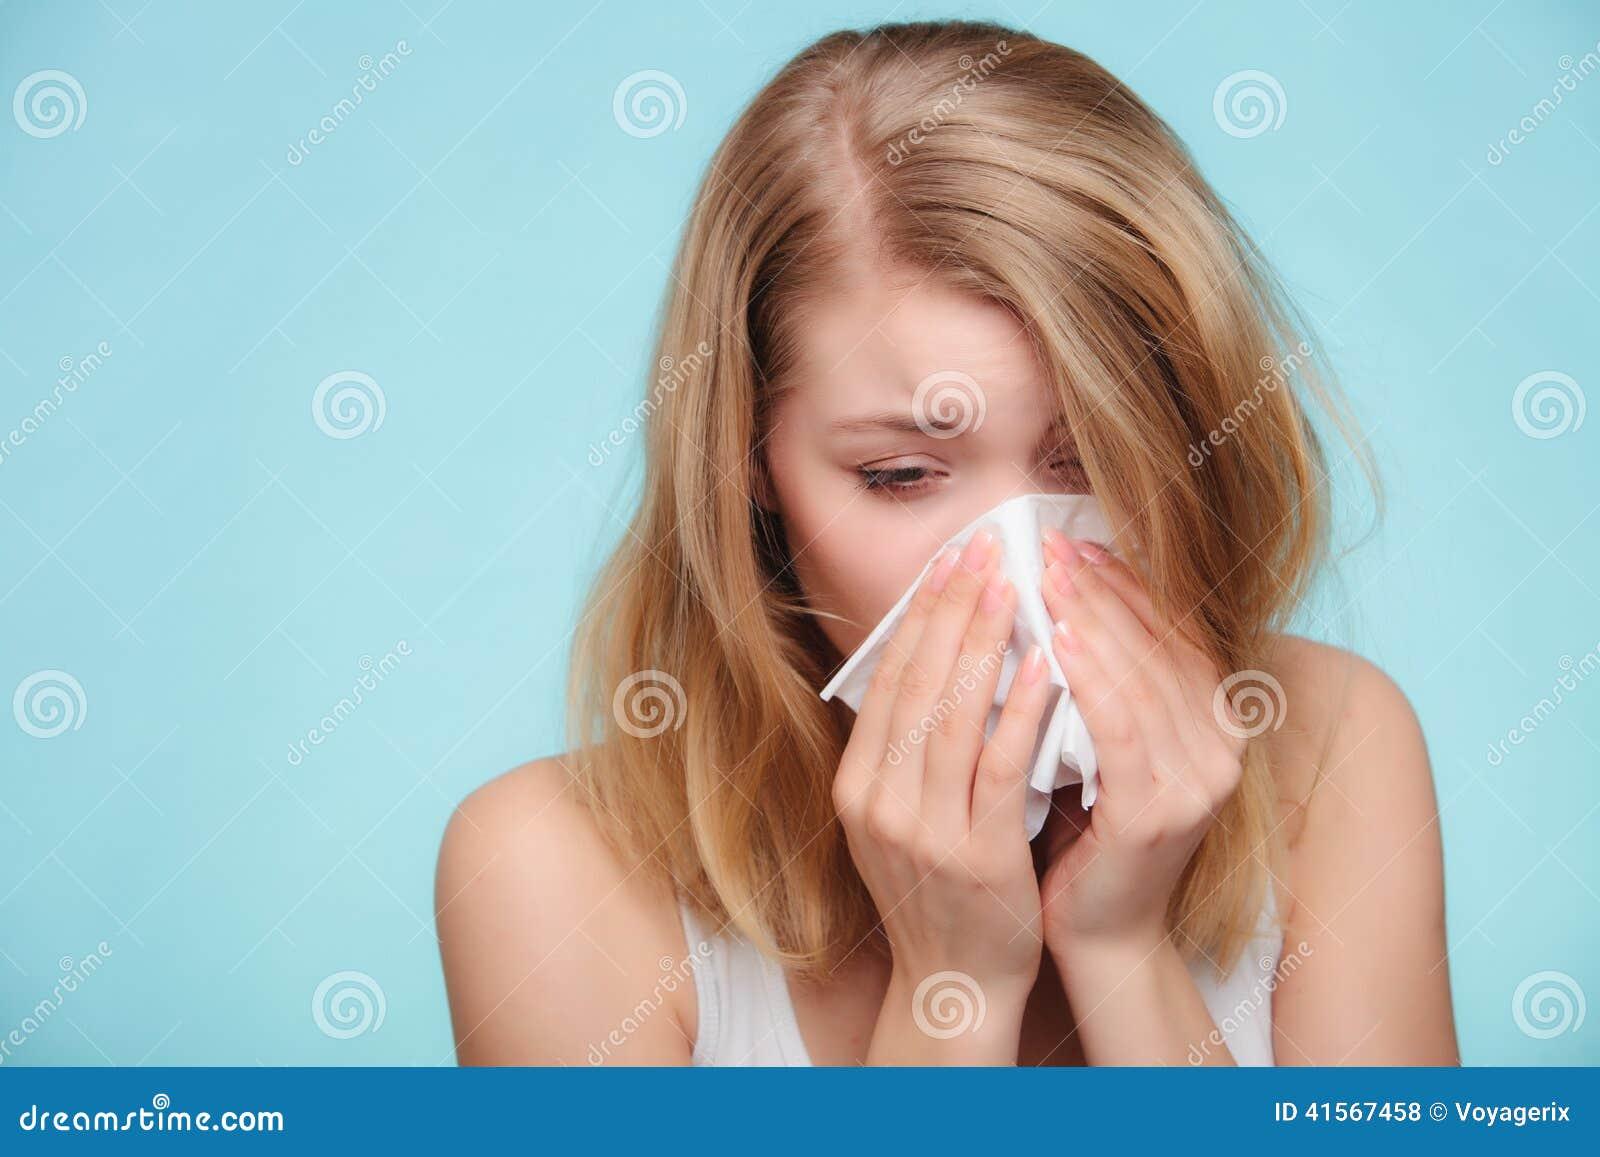 Allergie de grippe Fille malade éternuant dans le tissu santé